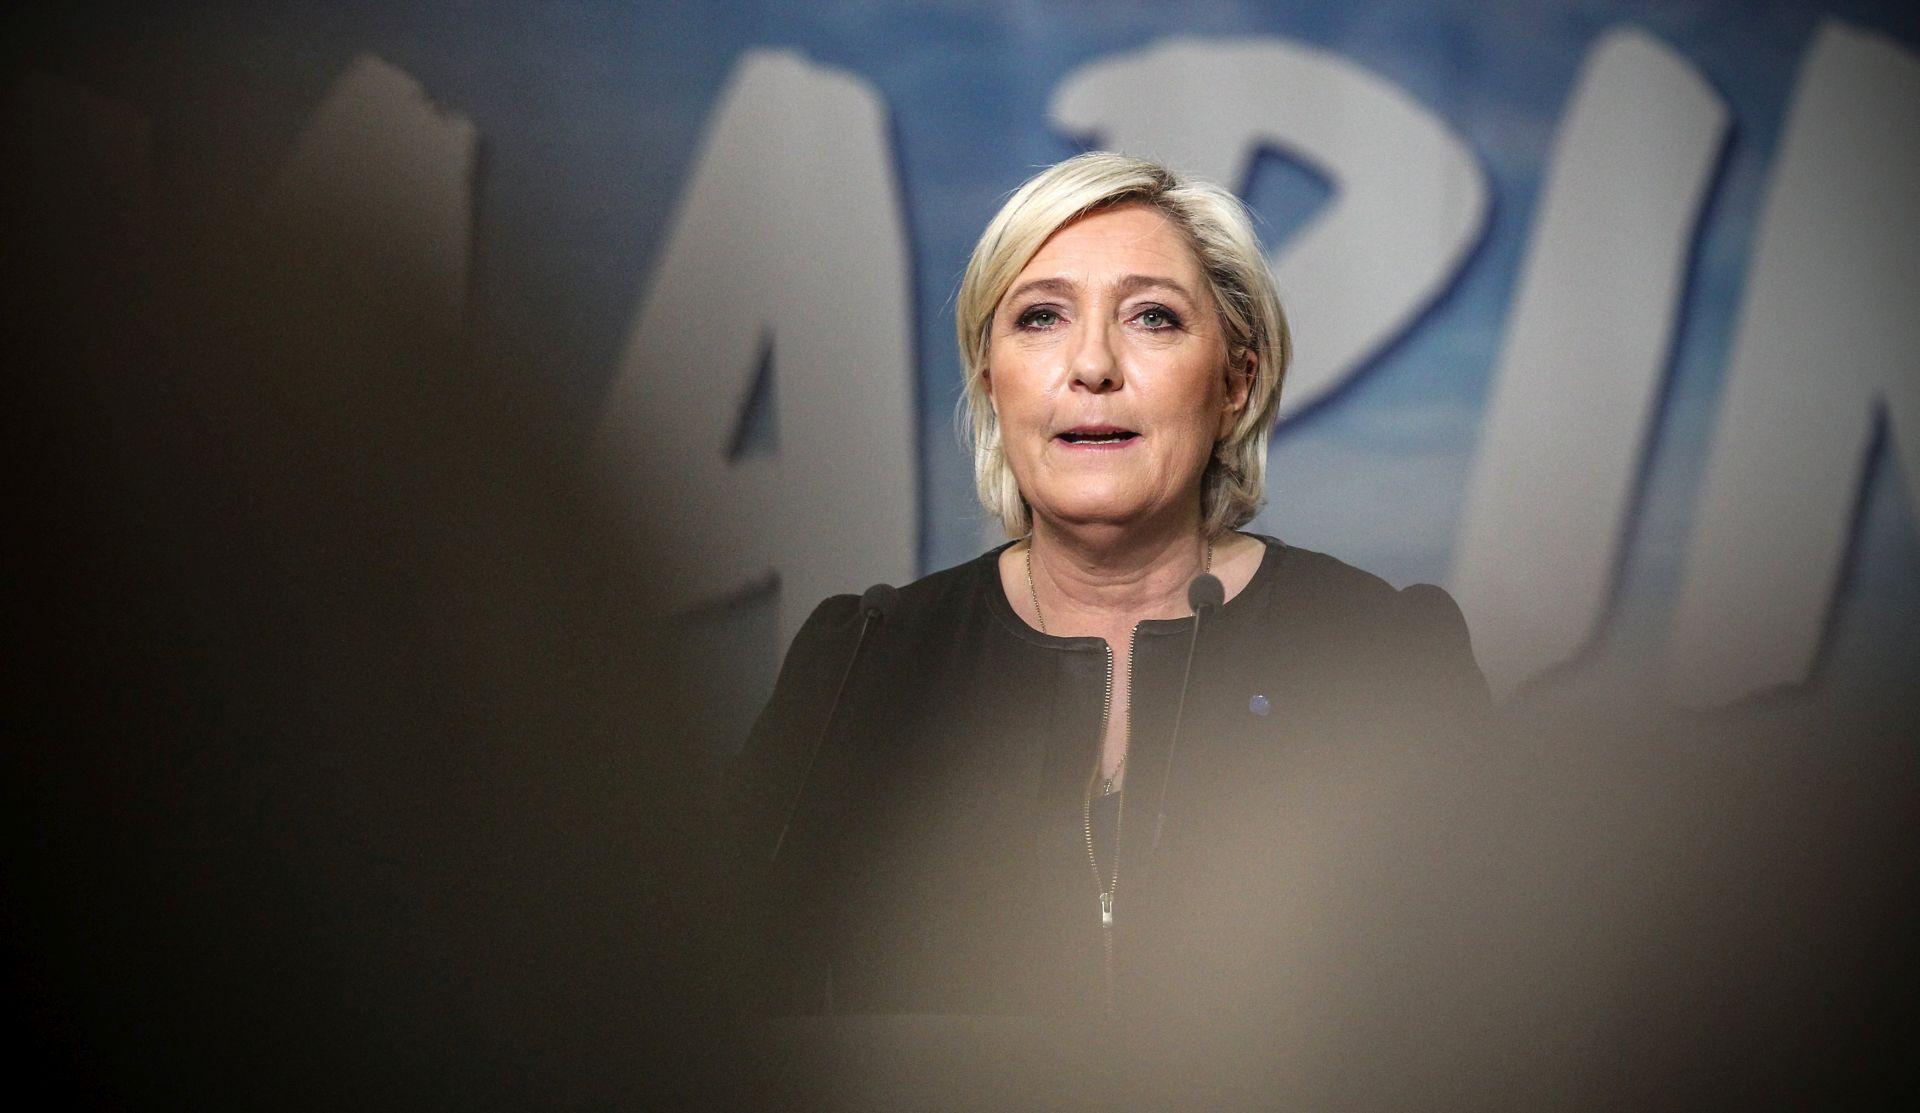 Le Pen u intervjuu zatražila da se makne zastava EU iza nje